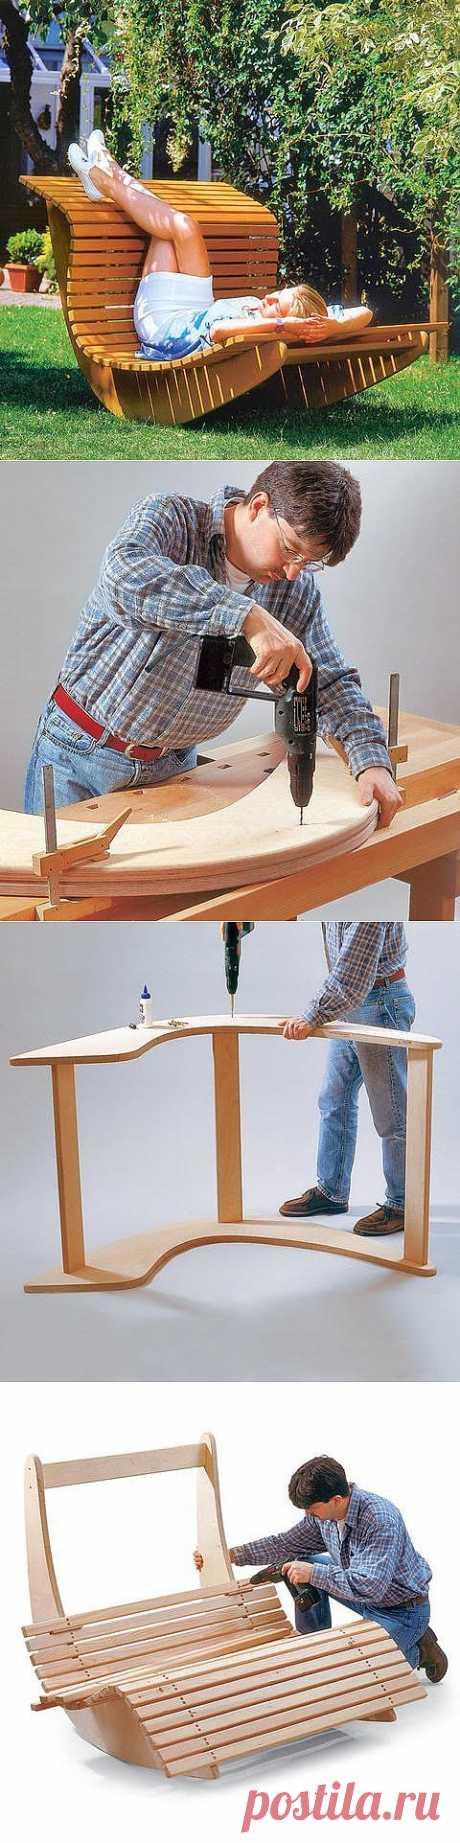 Интерьер, строительство, ремонт: Кресло-качалка для сада своими руками